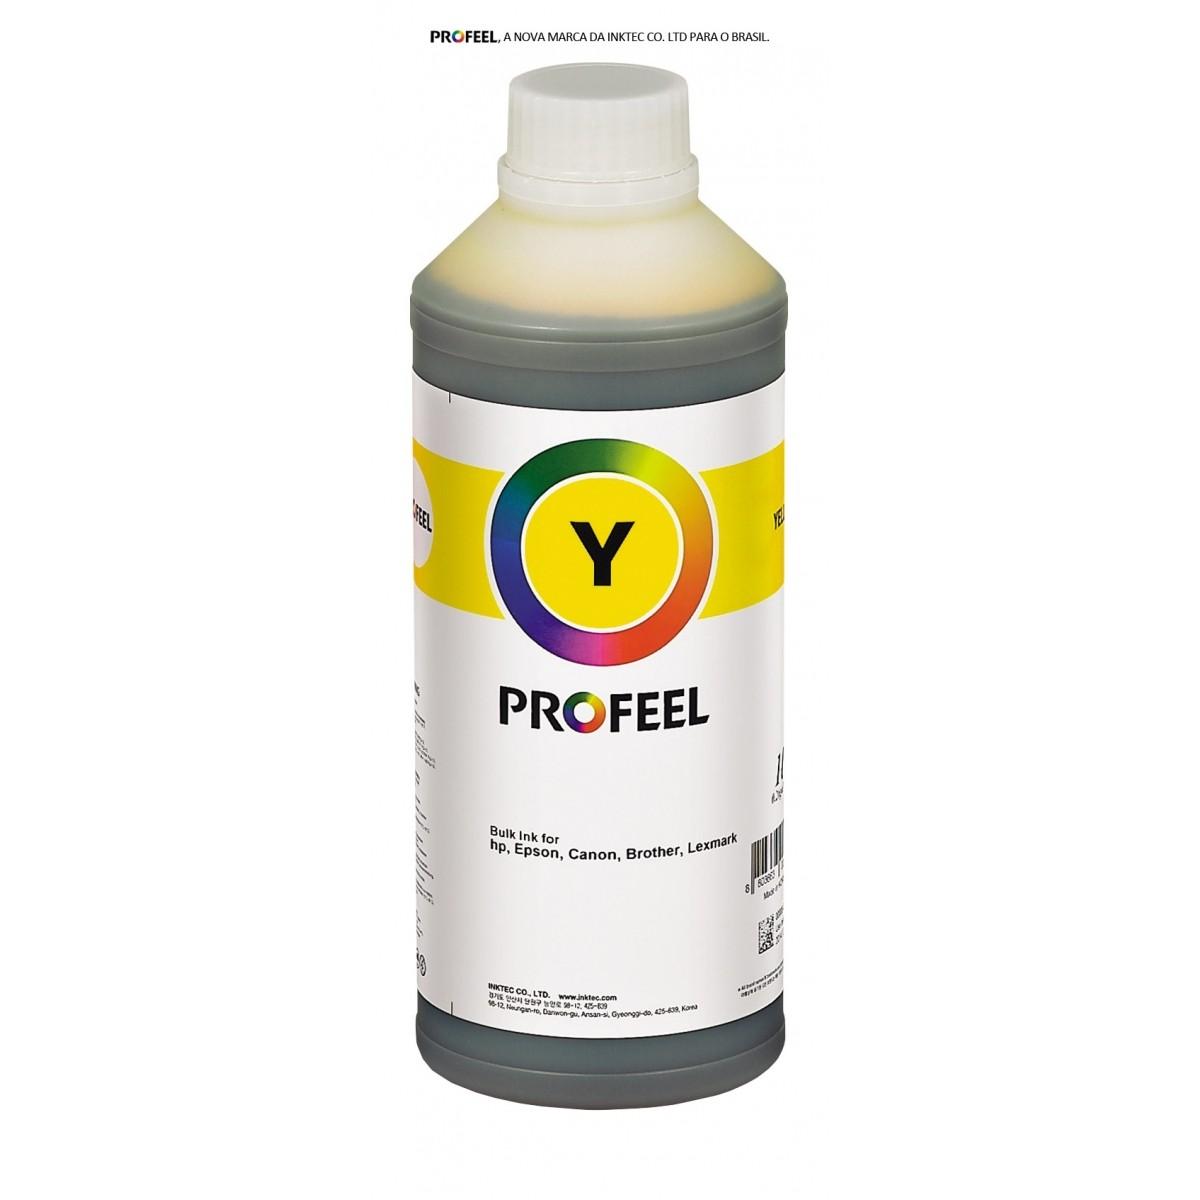 Tinta pigmentada InkTec Profeel modelo H8940-01LY | Frasco de 1 litro | Cor : Amarela